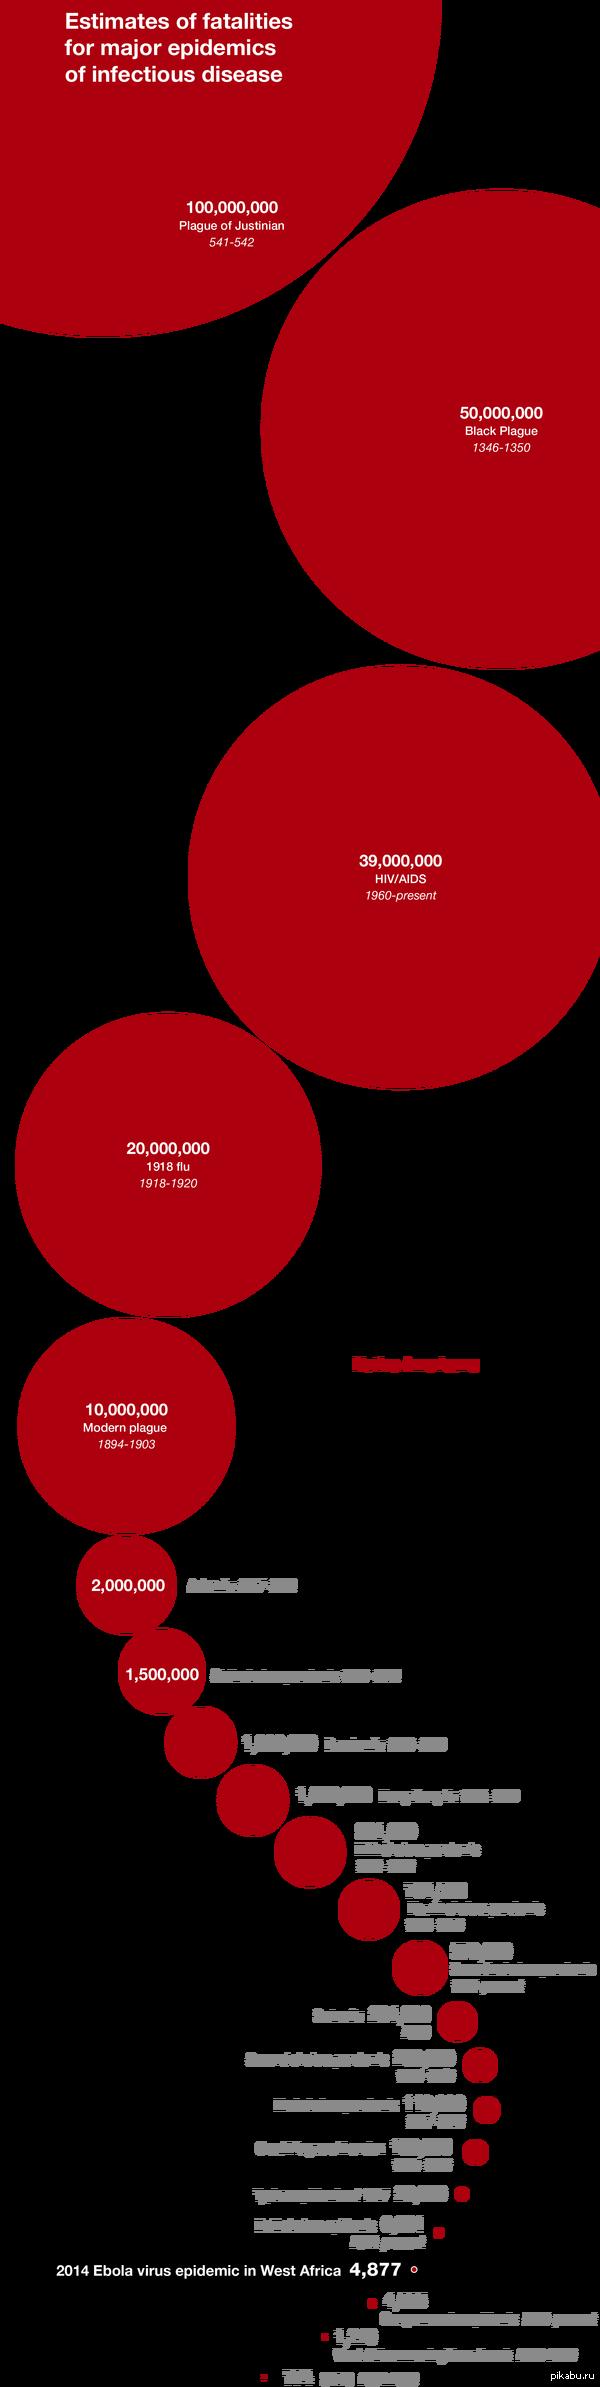 Сравниваем вирус Эбола и худшие эпидемии в истории с сайта national geographic